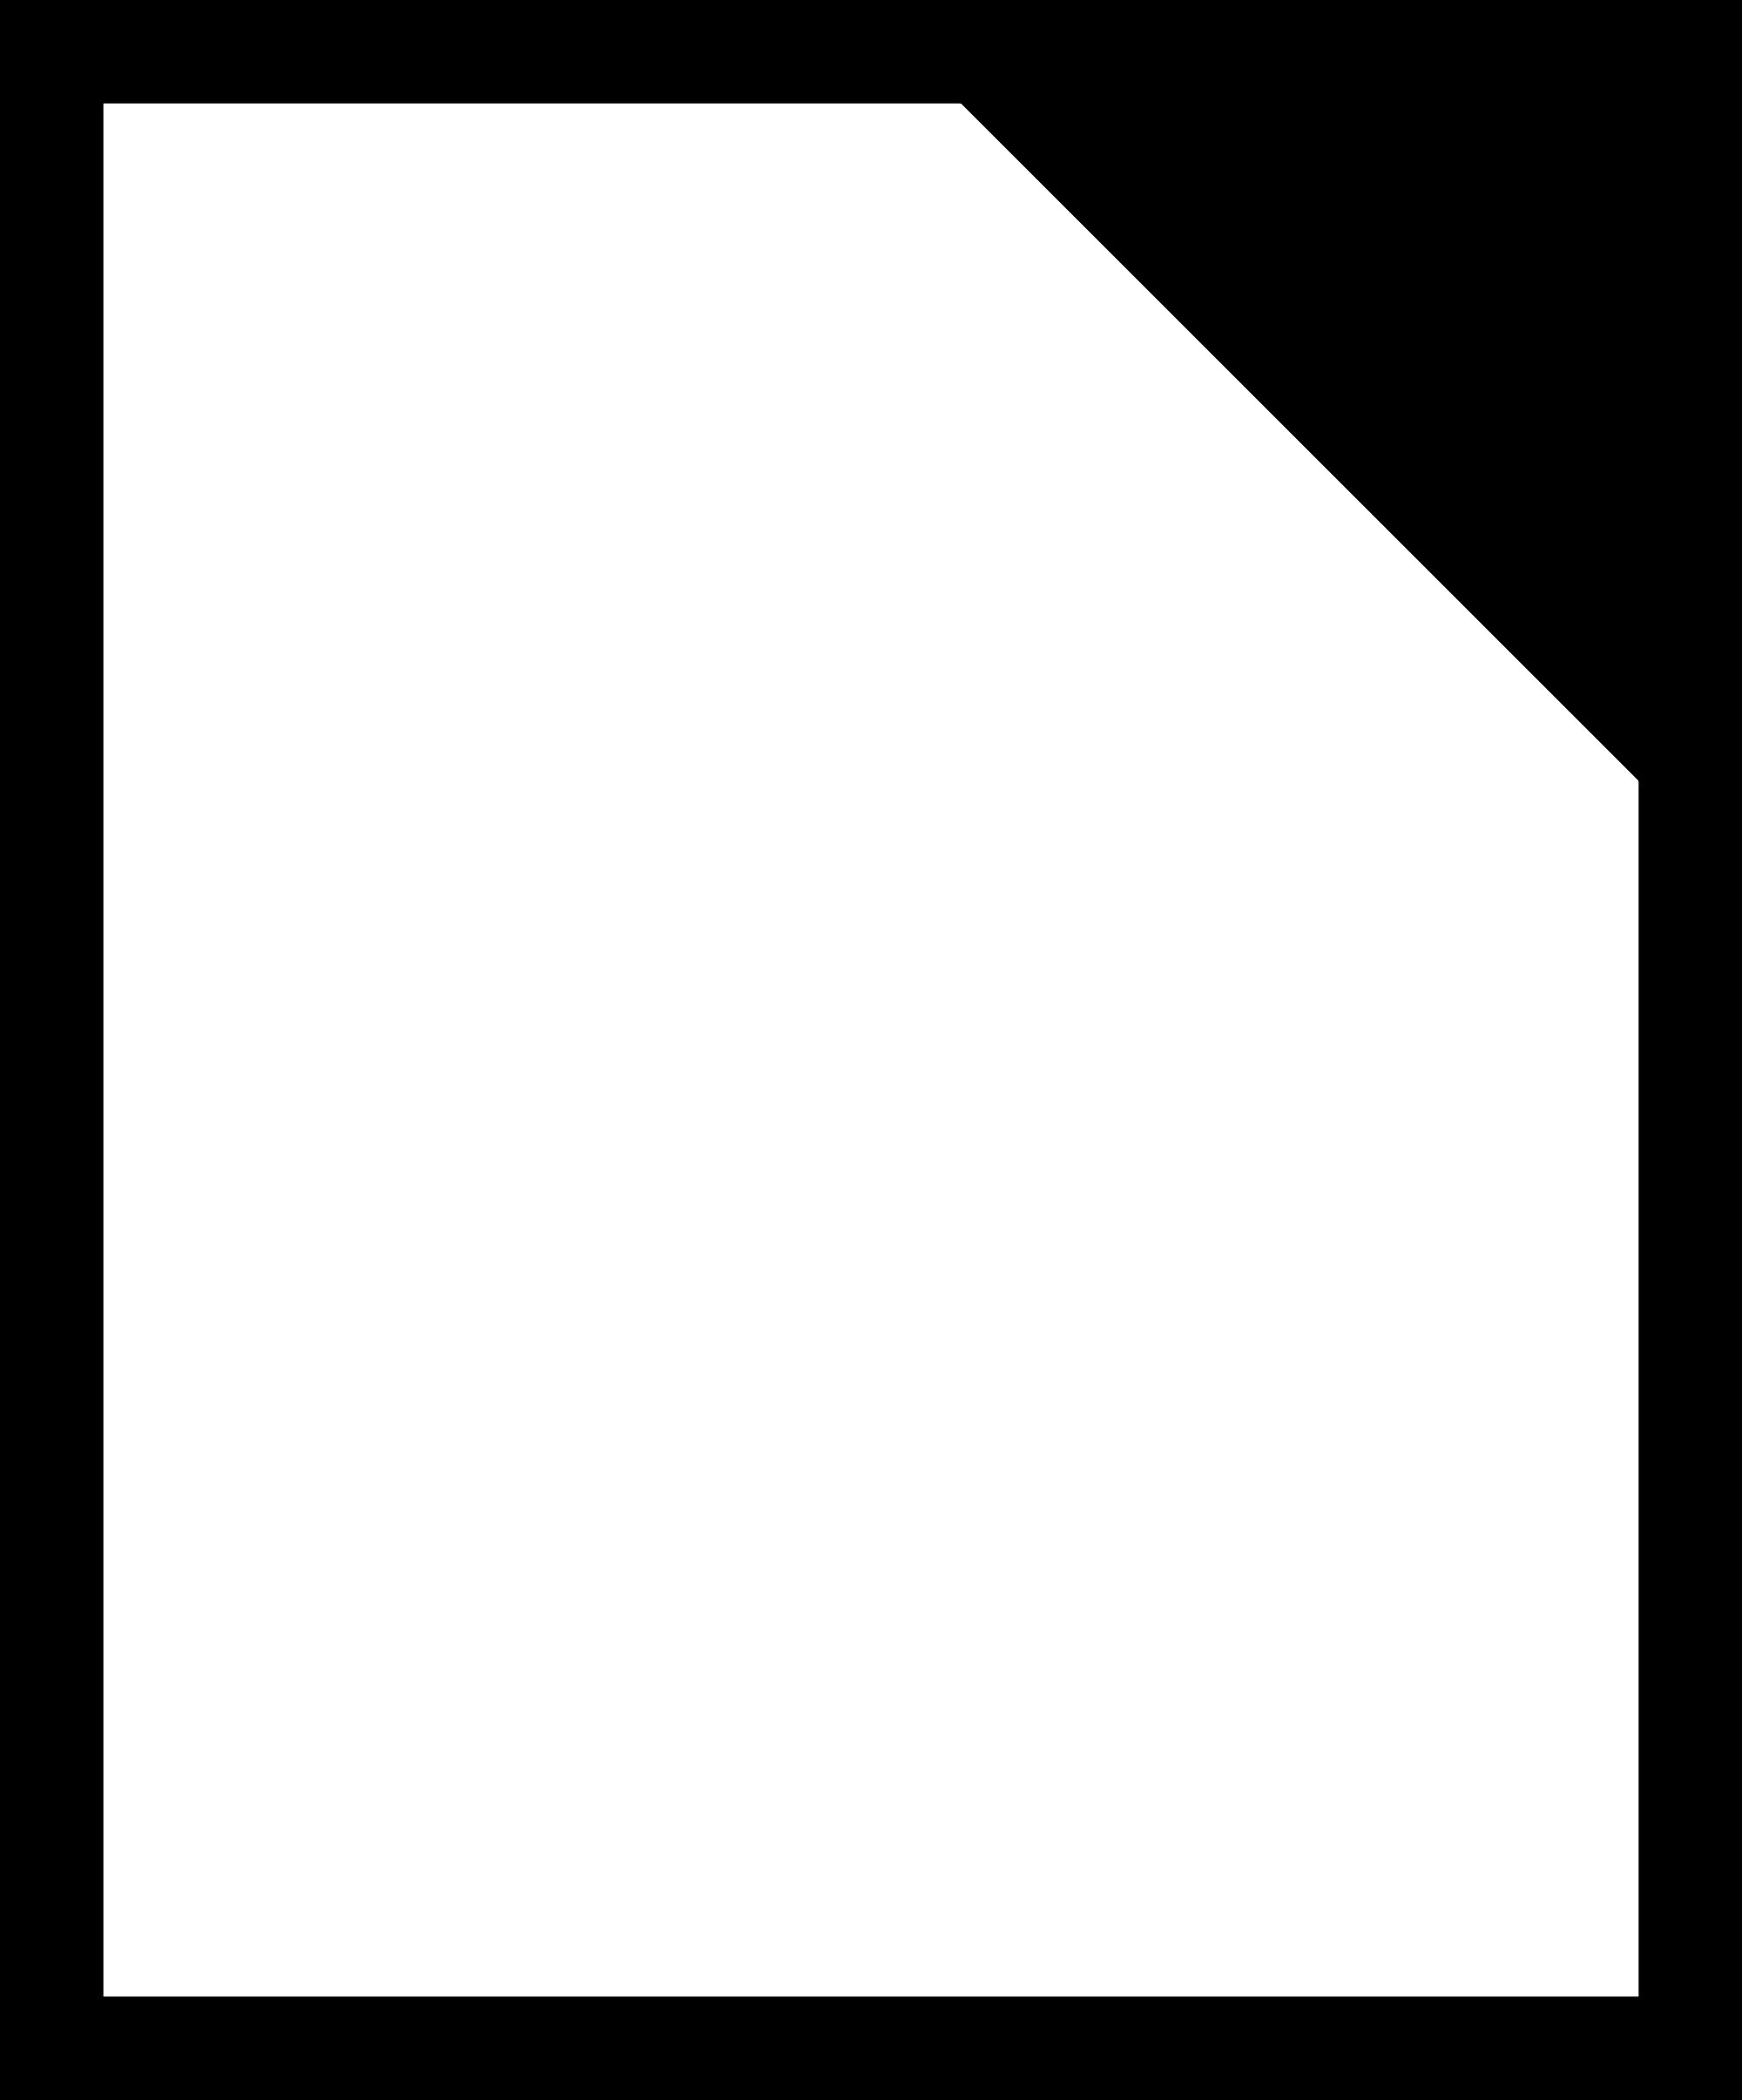 File logo png 5 » PNG Image.